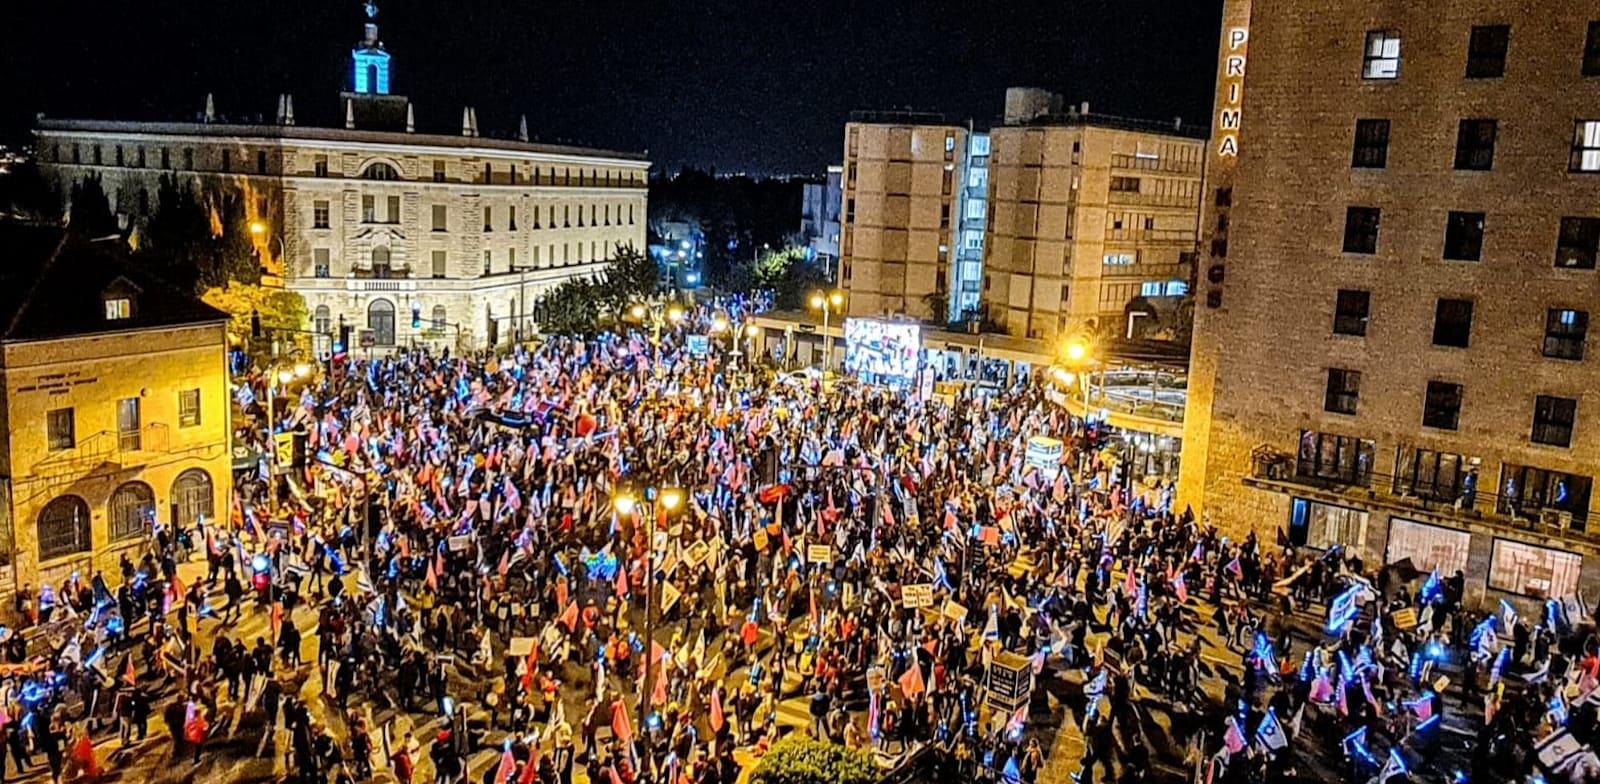 אלפי מפגינים בכיכר פריז הערב / צילום: הספירה לאחור